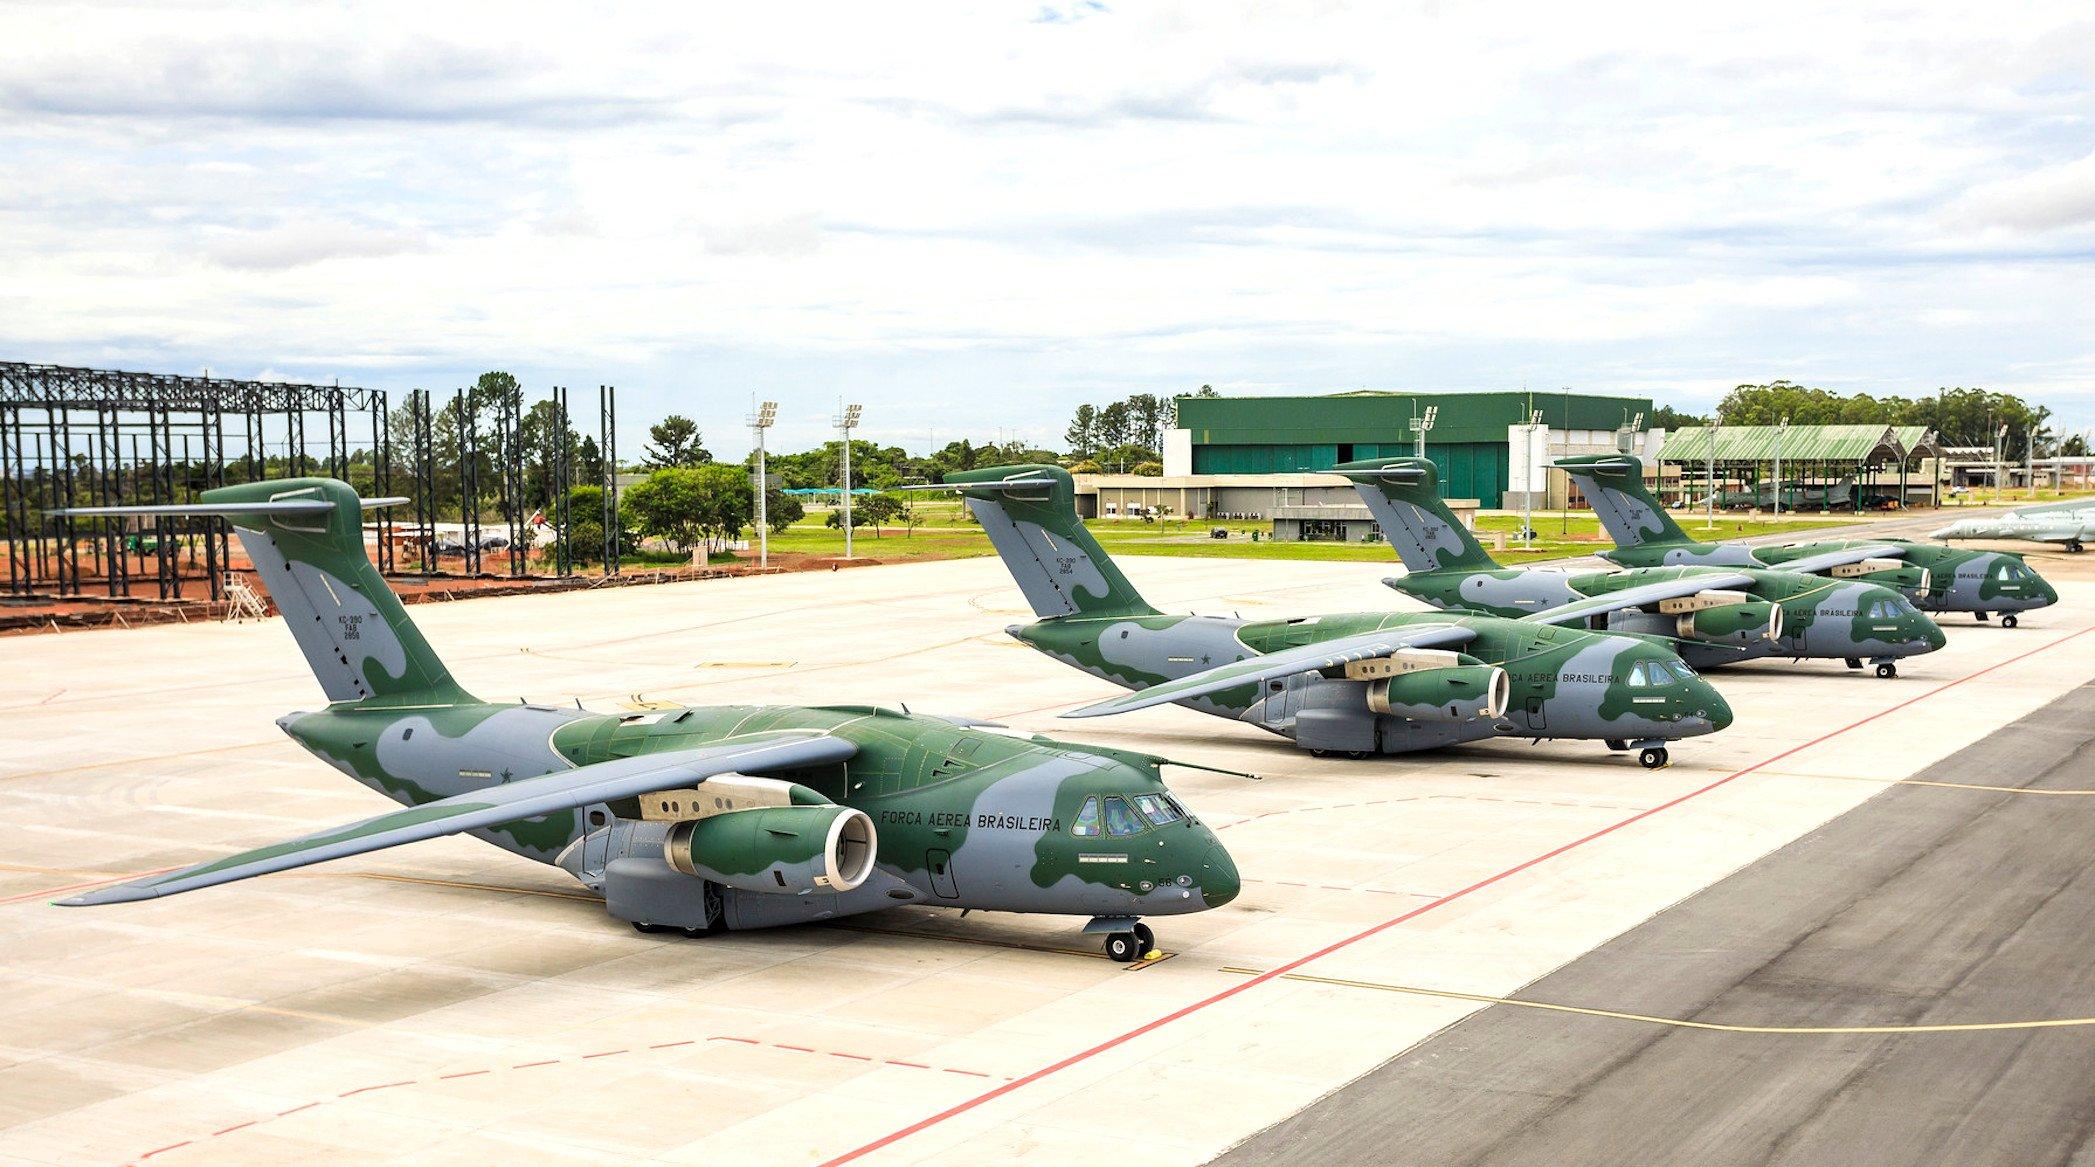 Brazilian KC-390s [Brazilian Air Force]